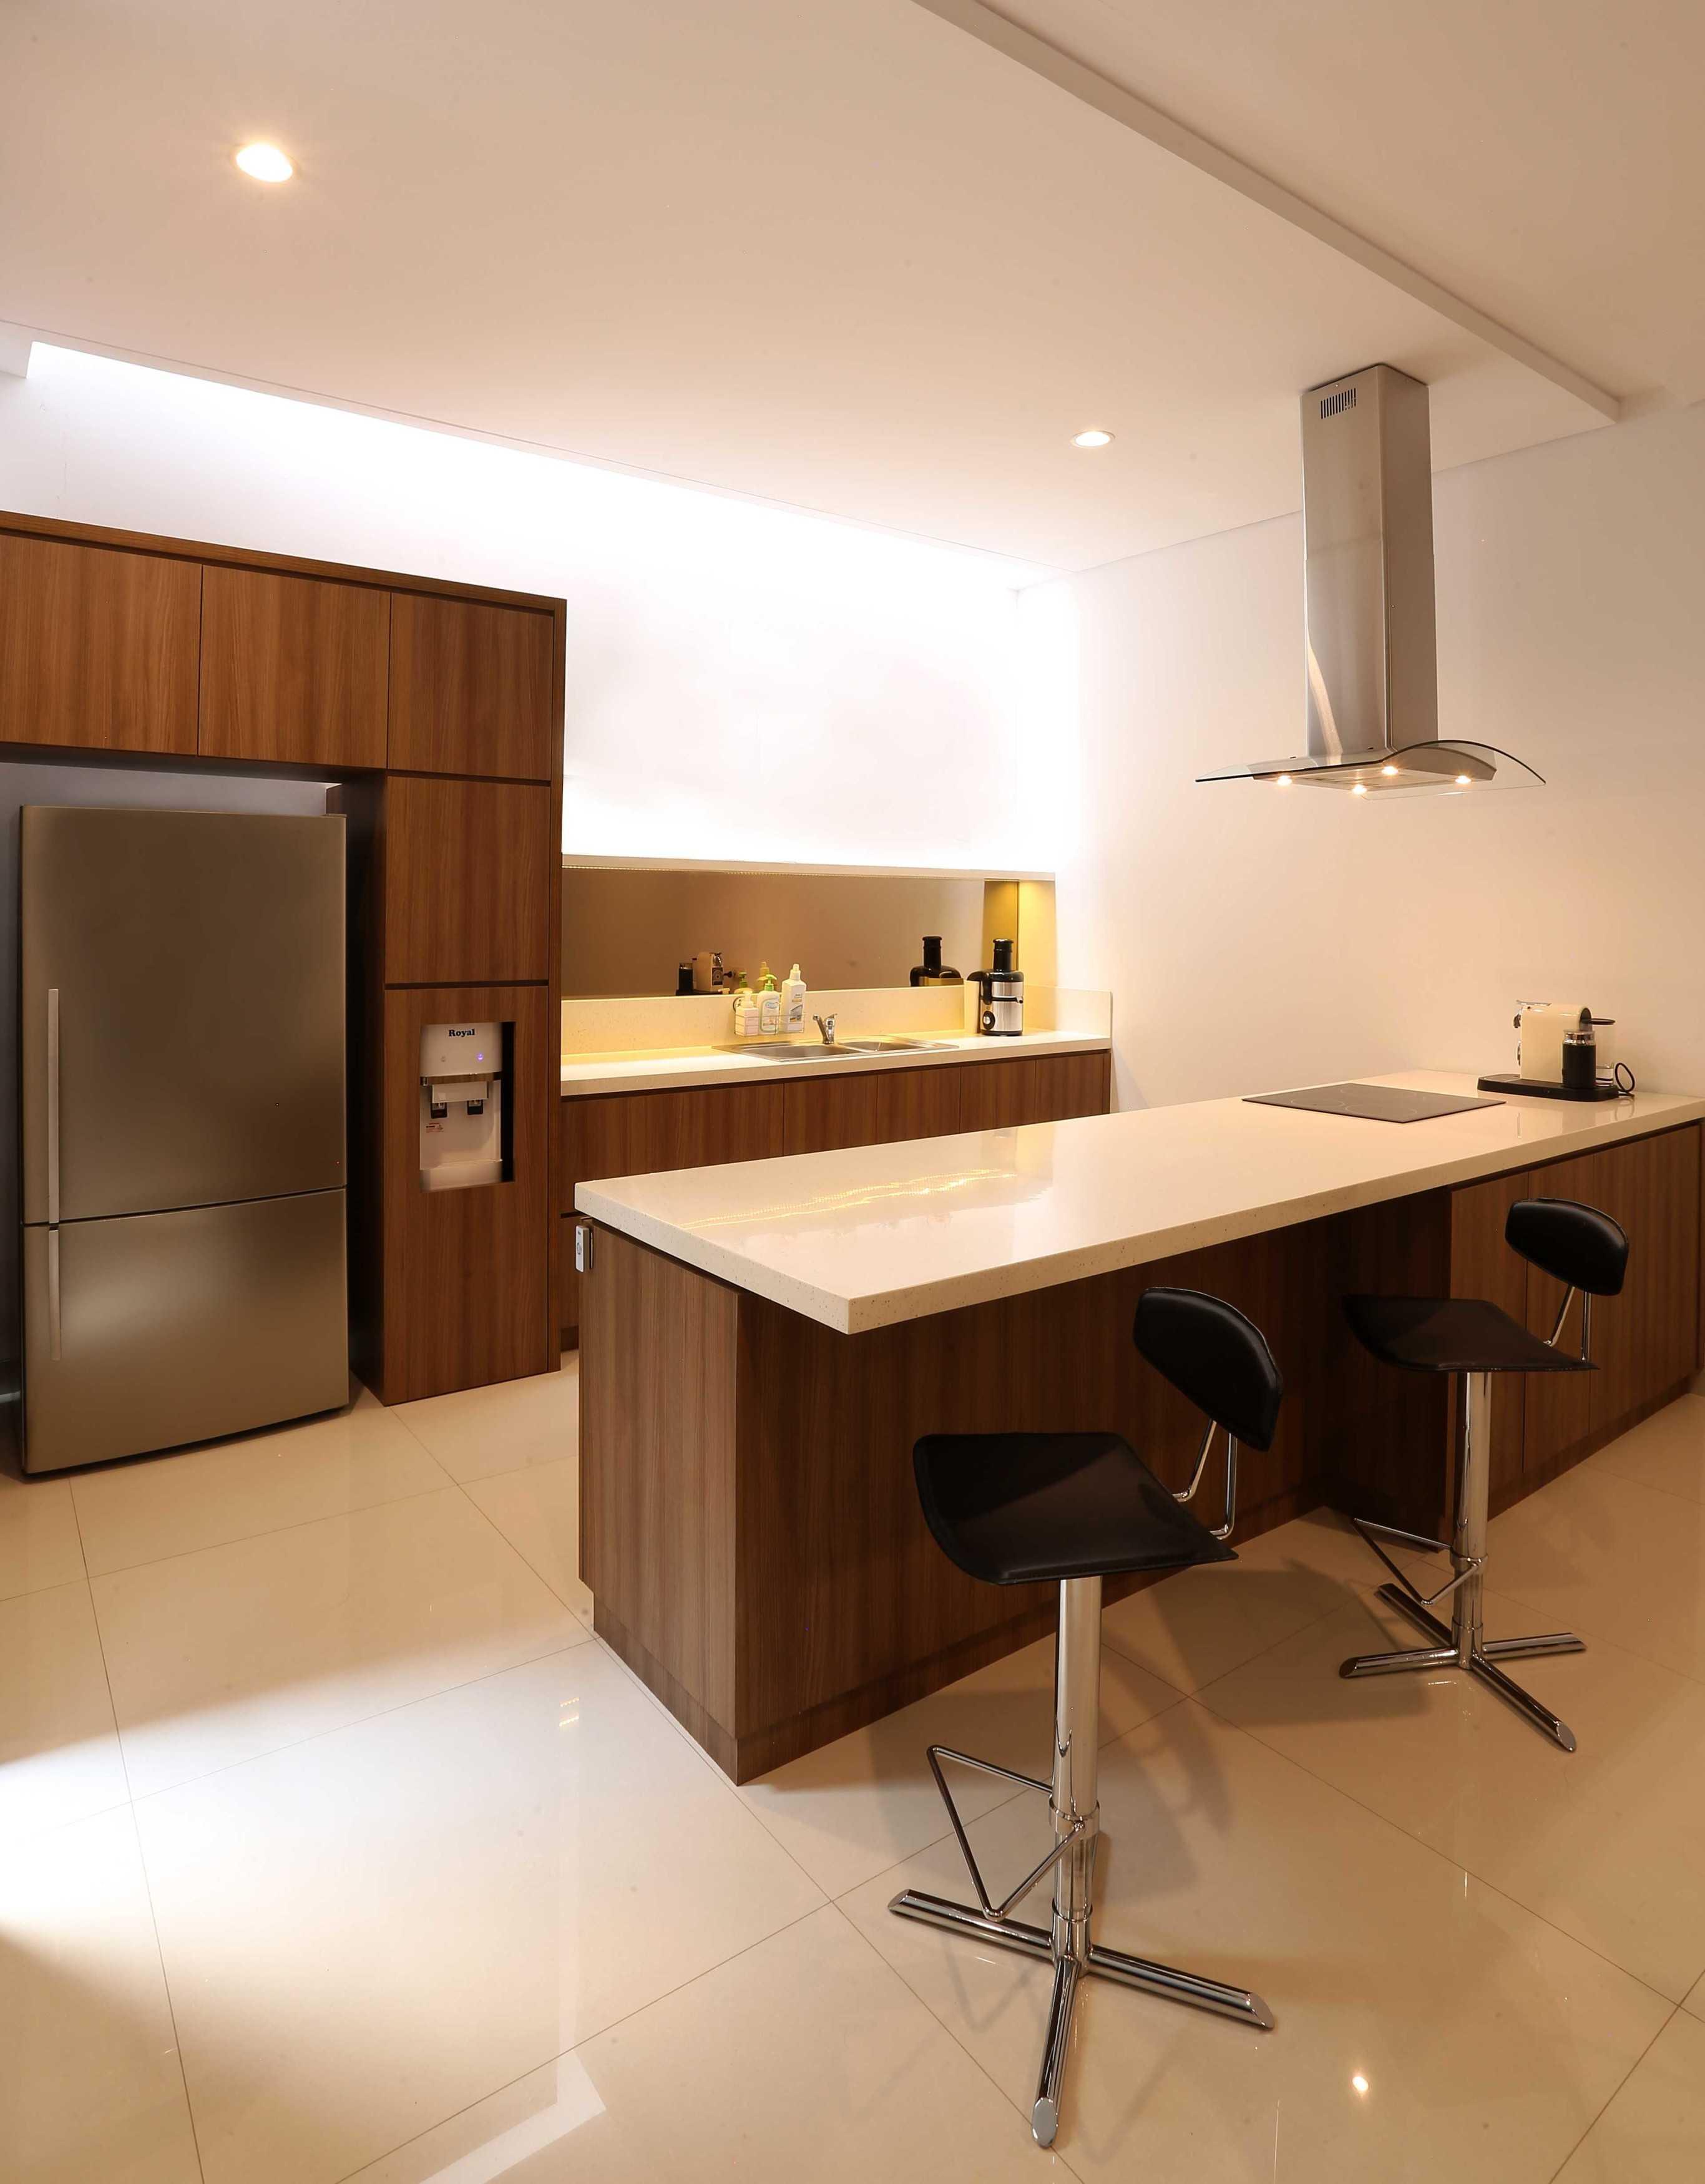 Arkana Buana Joseph Residence Pluit Karangsari Pluit Karangsari 3O3A8771 Tropis,modern  26587